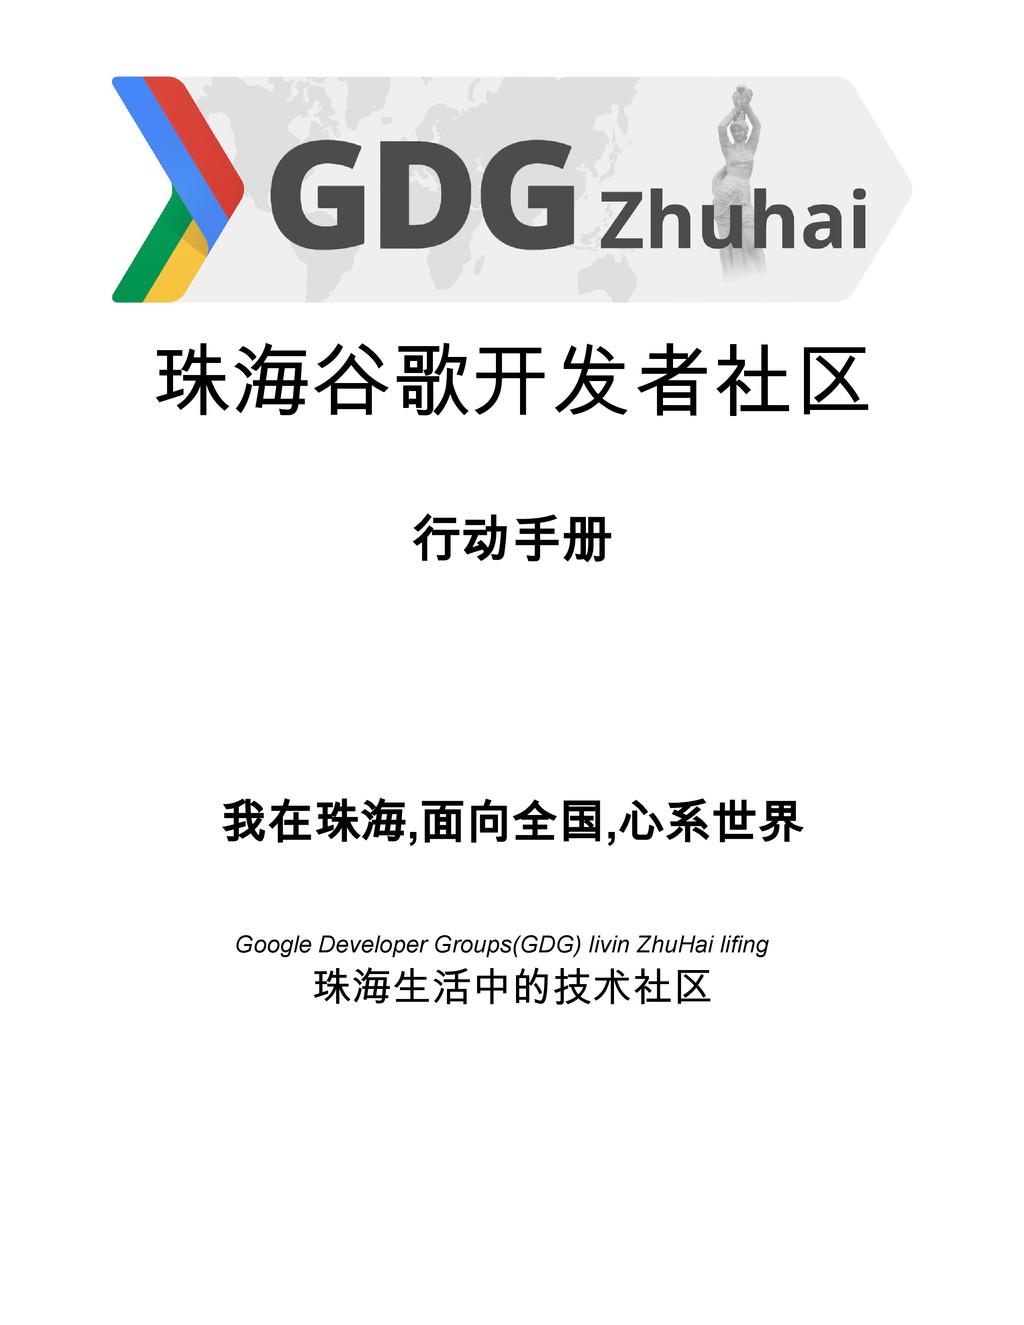 珠海谷歌开发者社区 行动手册 我在珠海,面向全国,心系世界 Google Developer ...